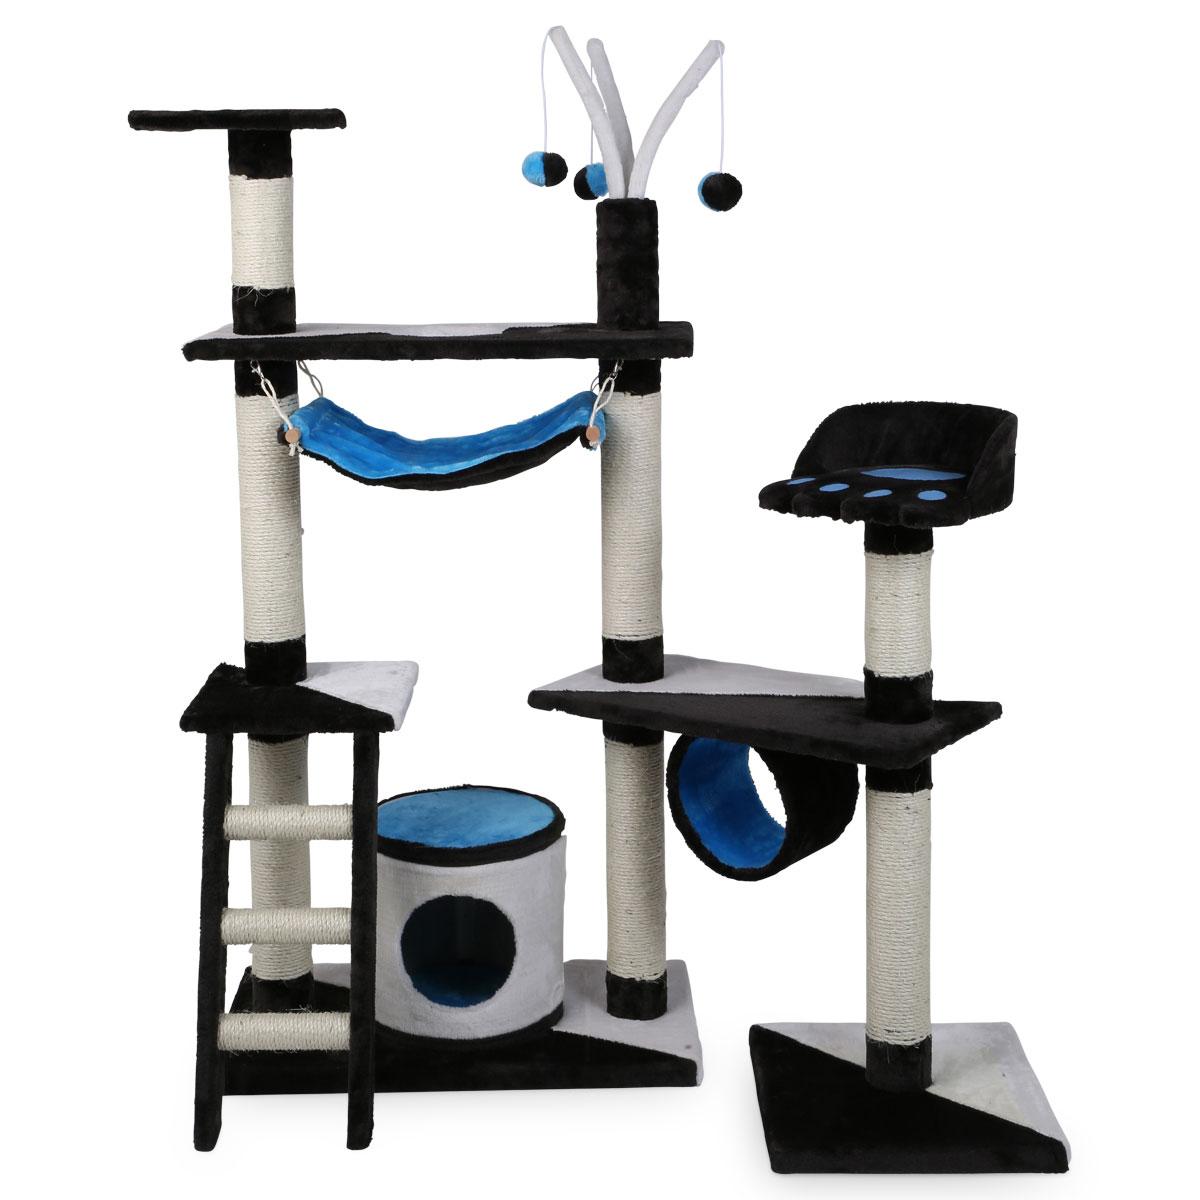 kerbl kratzbaum creativ g nstig kaufen bei zooroyal. Black Bedroom Furniture Sets. Home Design Ideas